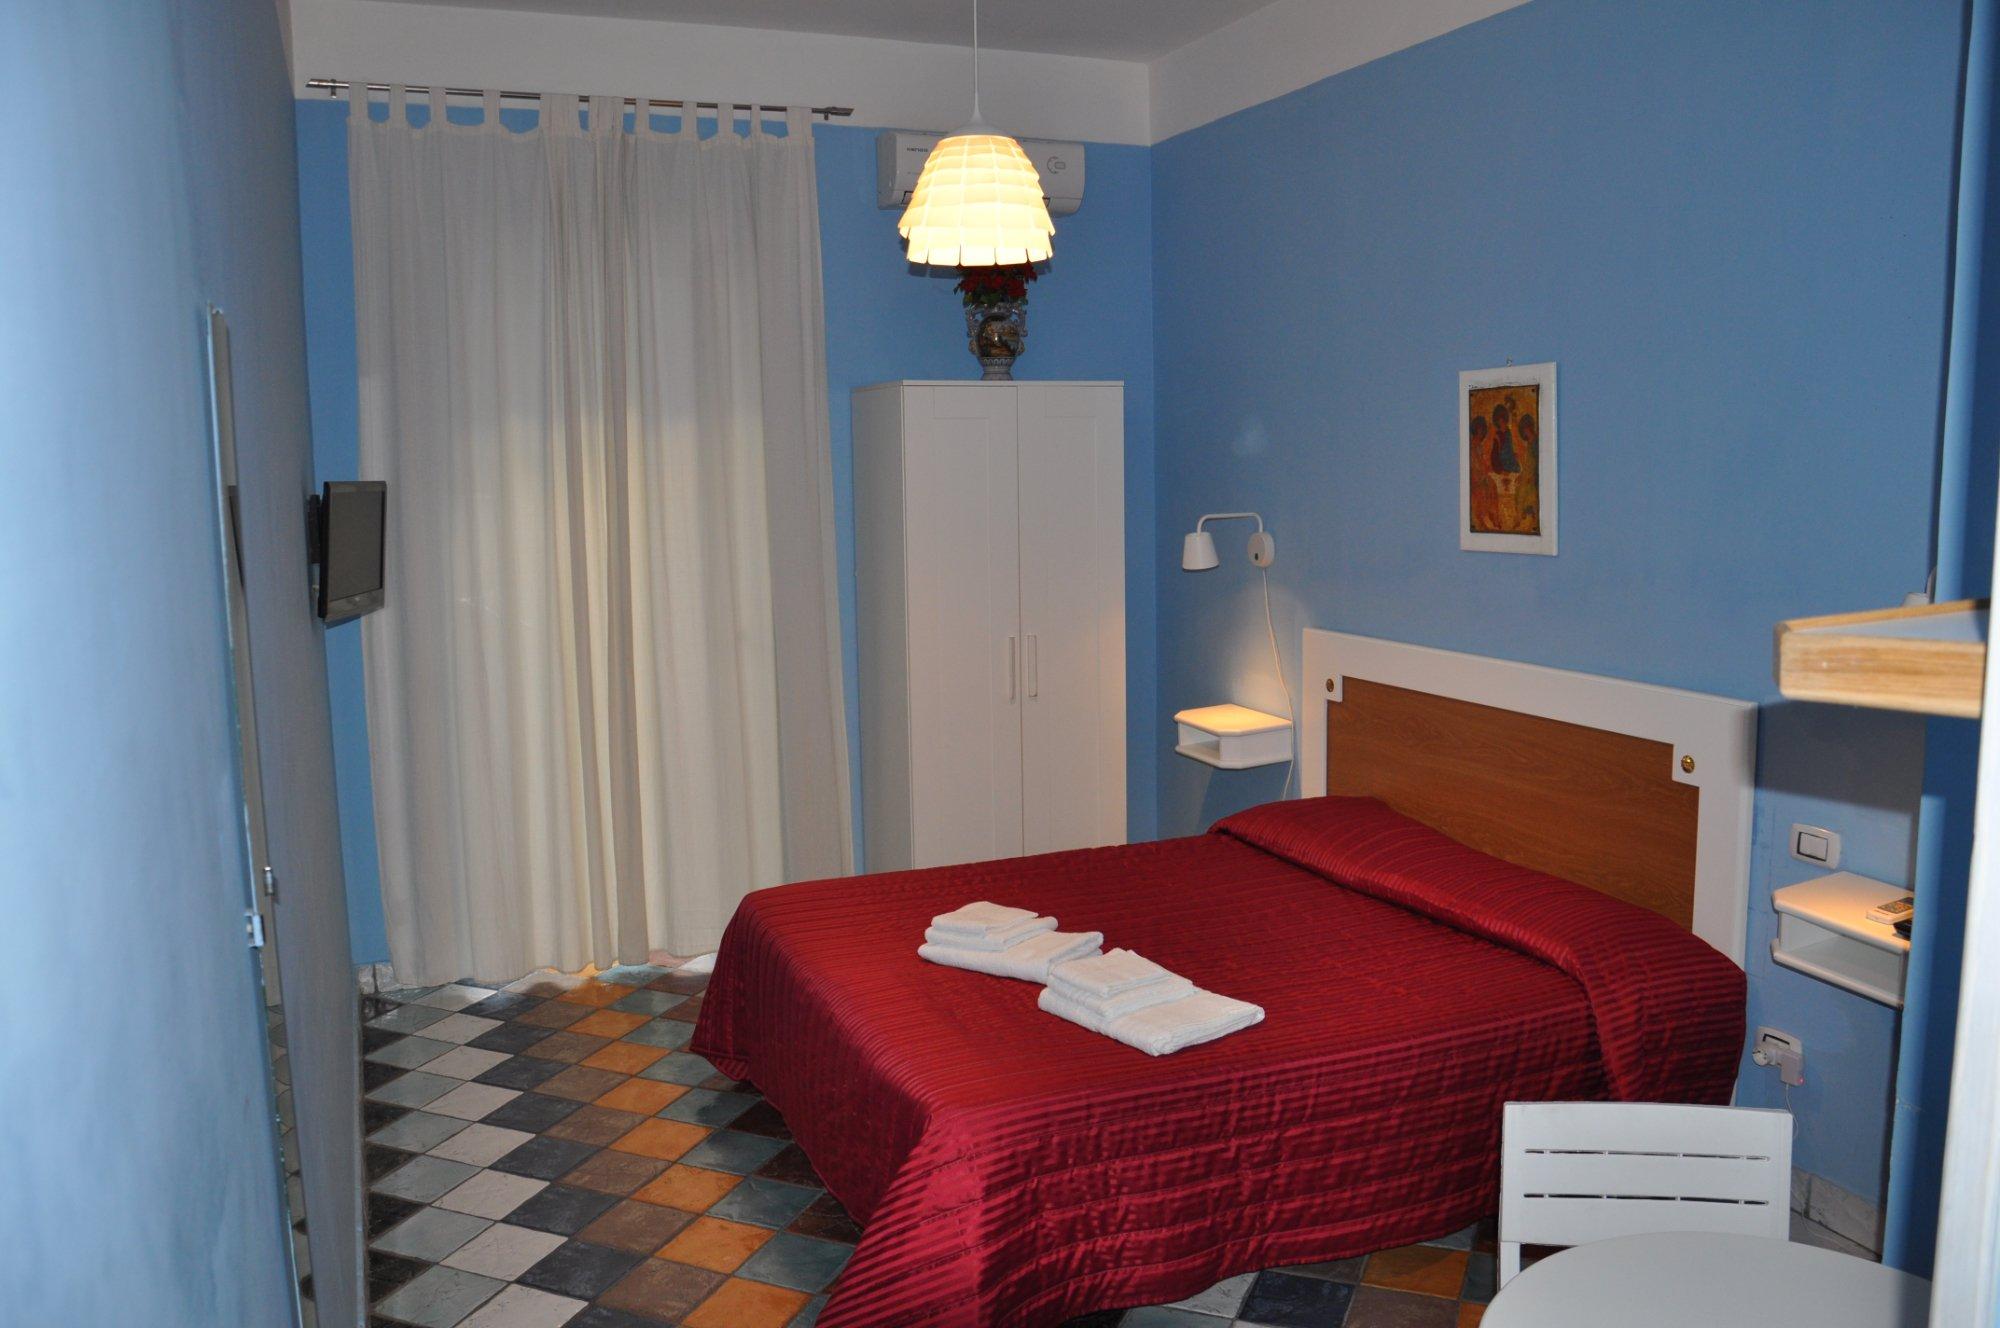 Firenze32 Bed & Breakfast